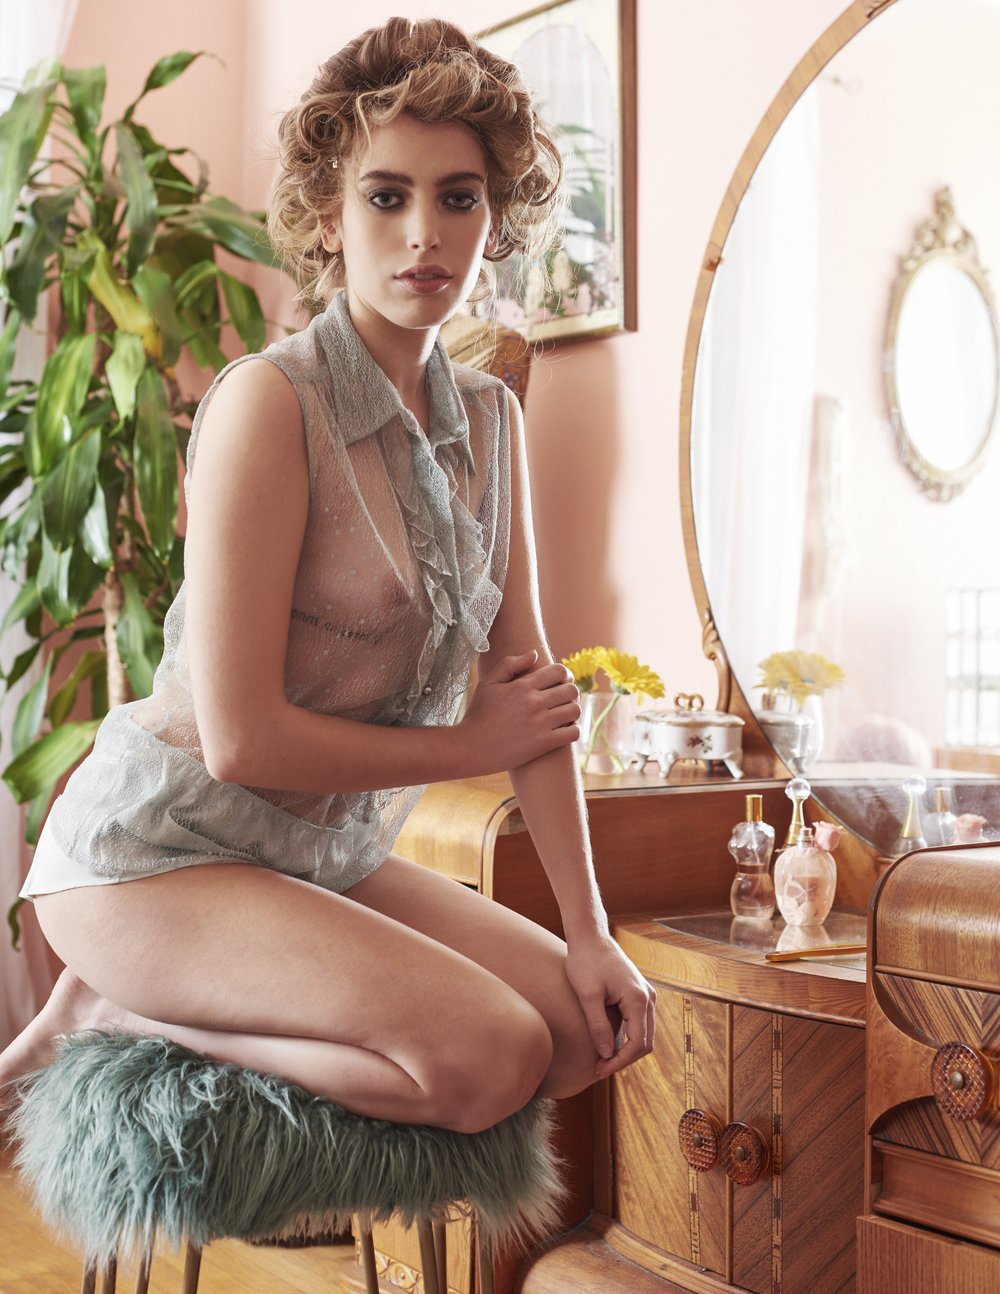 22-летняя дочь Эвана Макгрегора обнажилась для Playboy